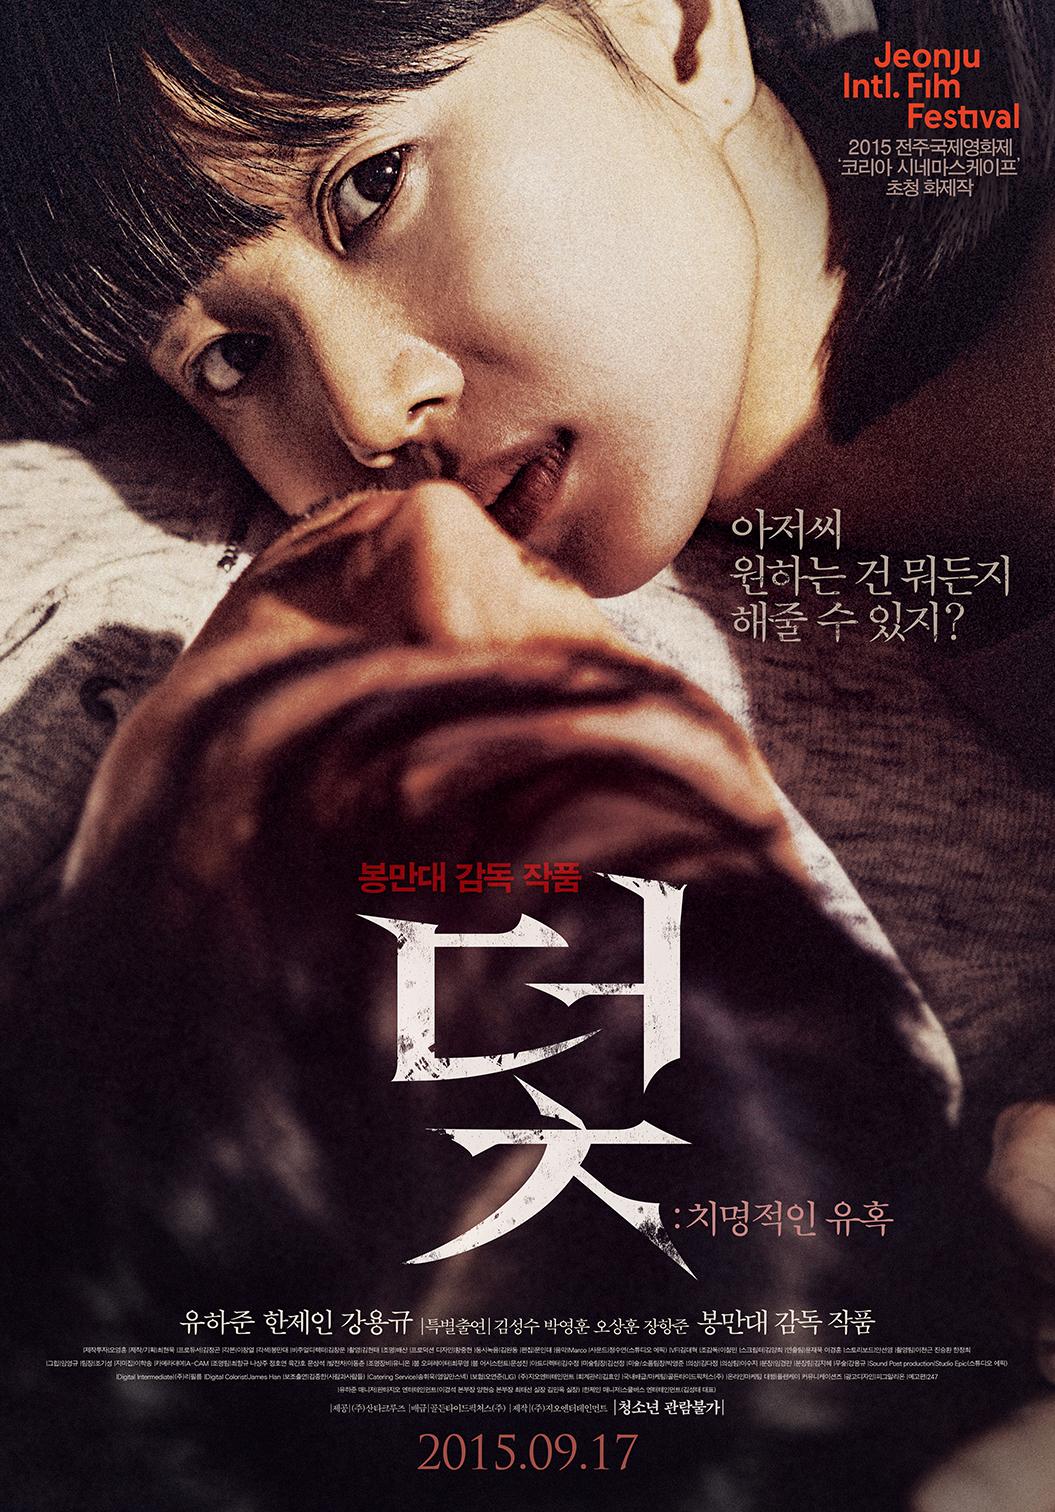 덫 : 치명적인 유혹 (Trap, 2015) (+19)